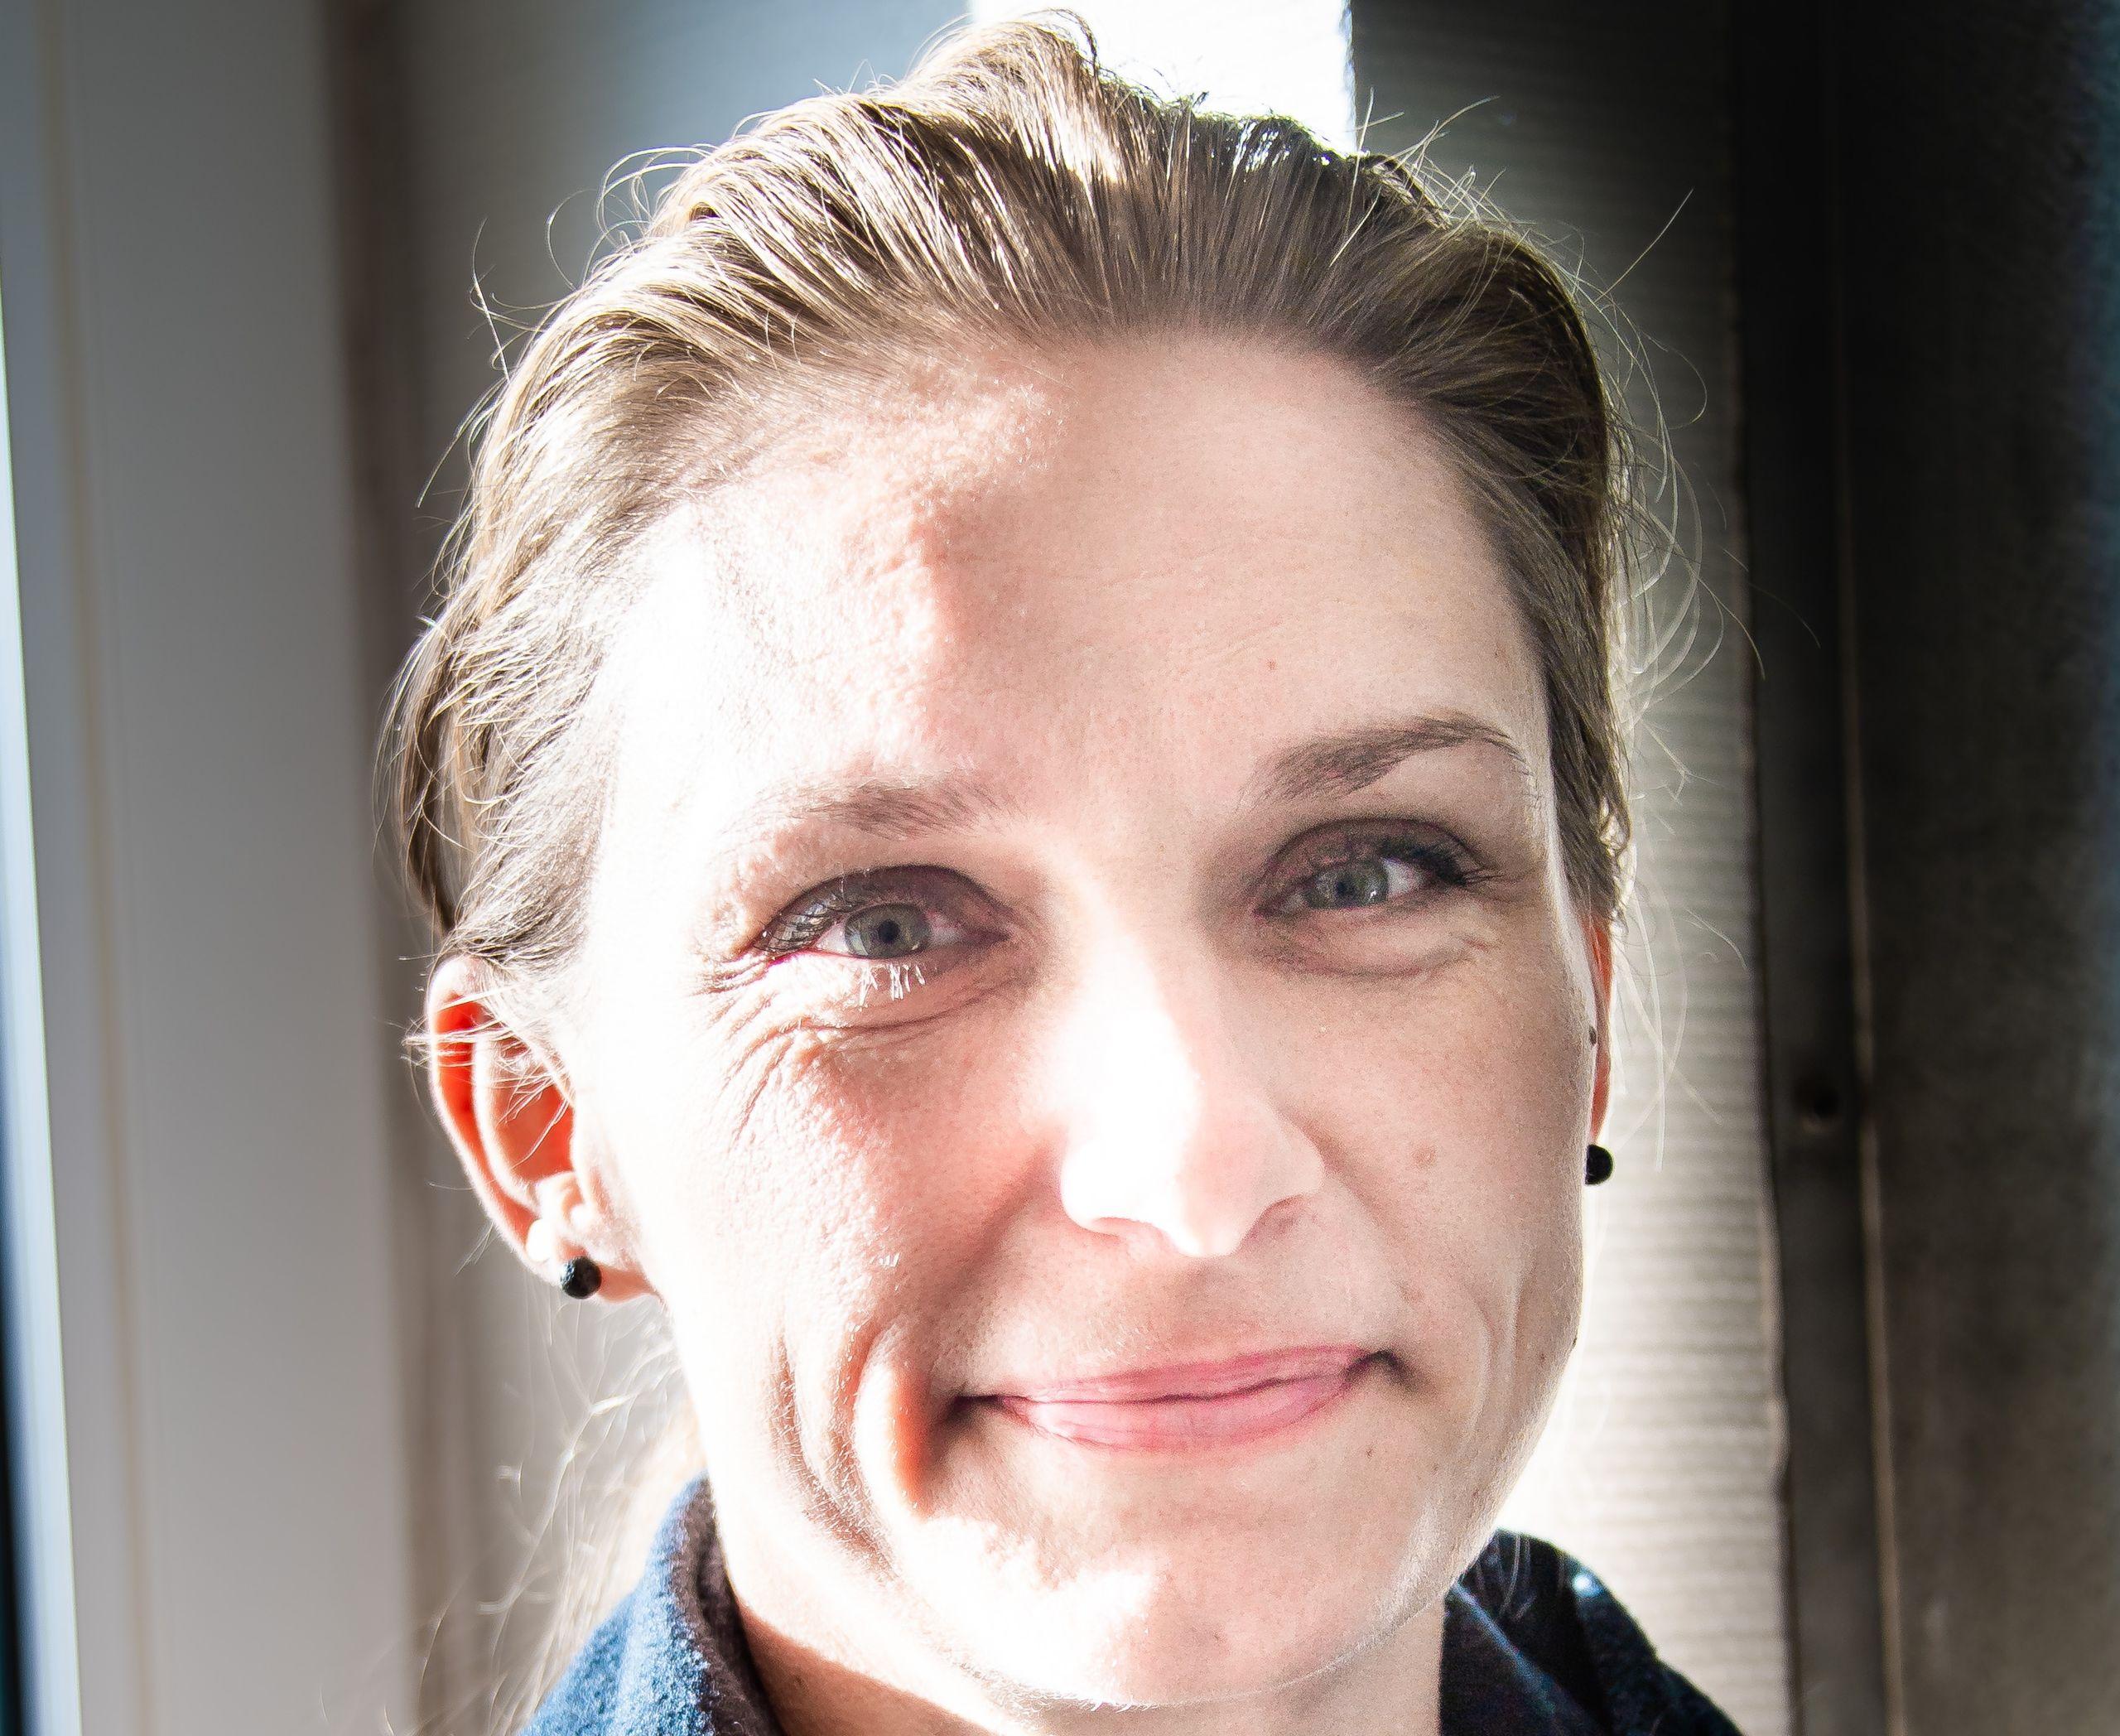 Heidi vil hjælpe pårørende til alkoholmisbrugere, men mange tøver med at melde sig